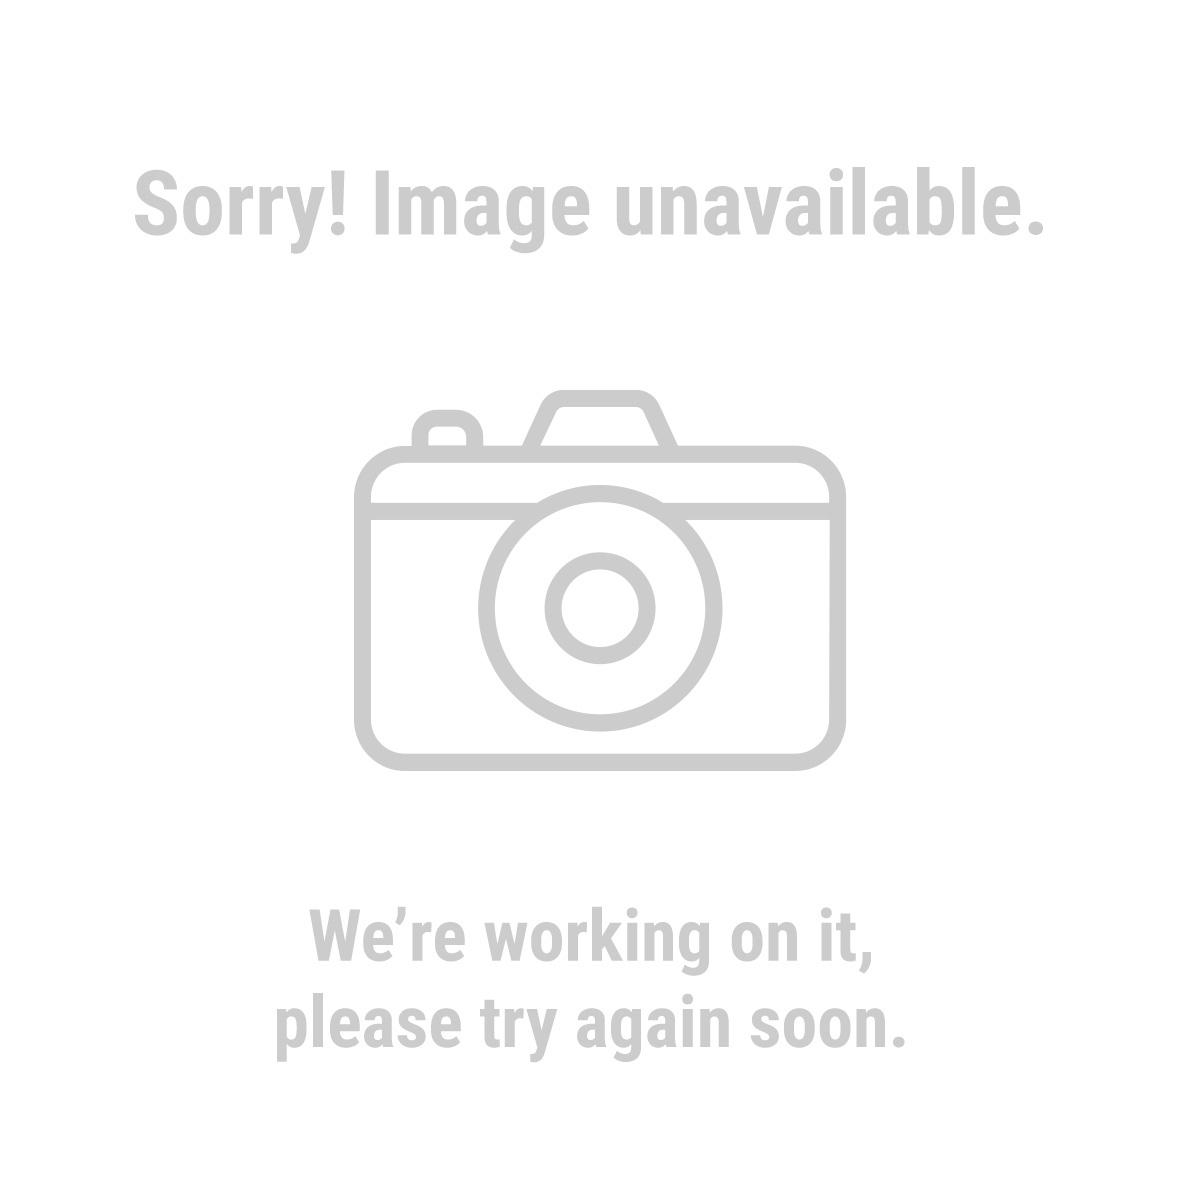 15 Gallon Spot Sprayer 12 Volt